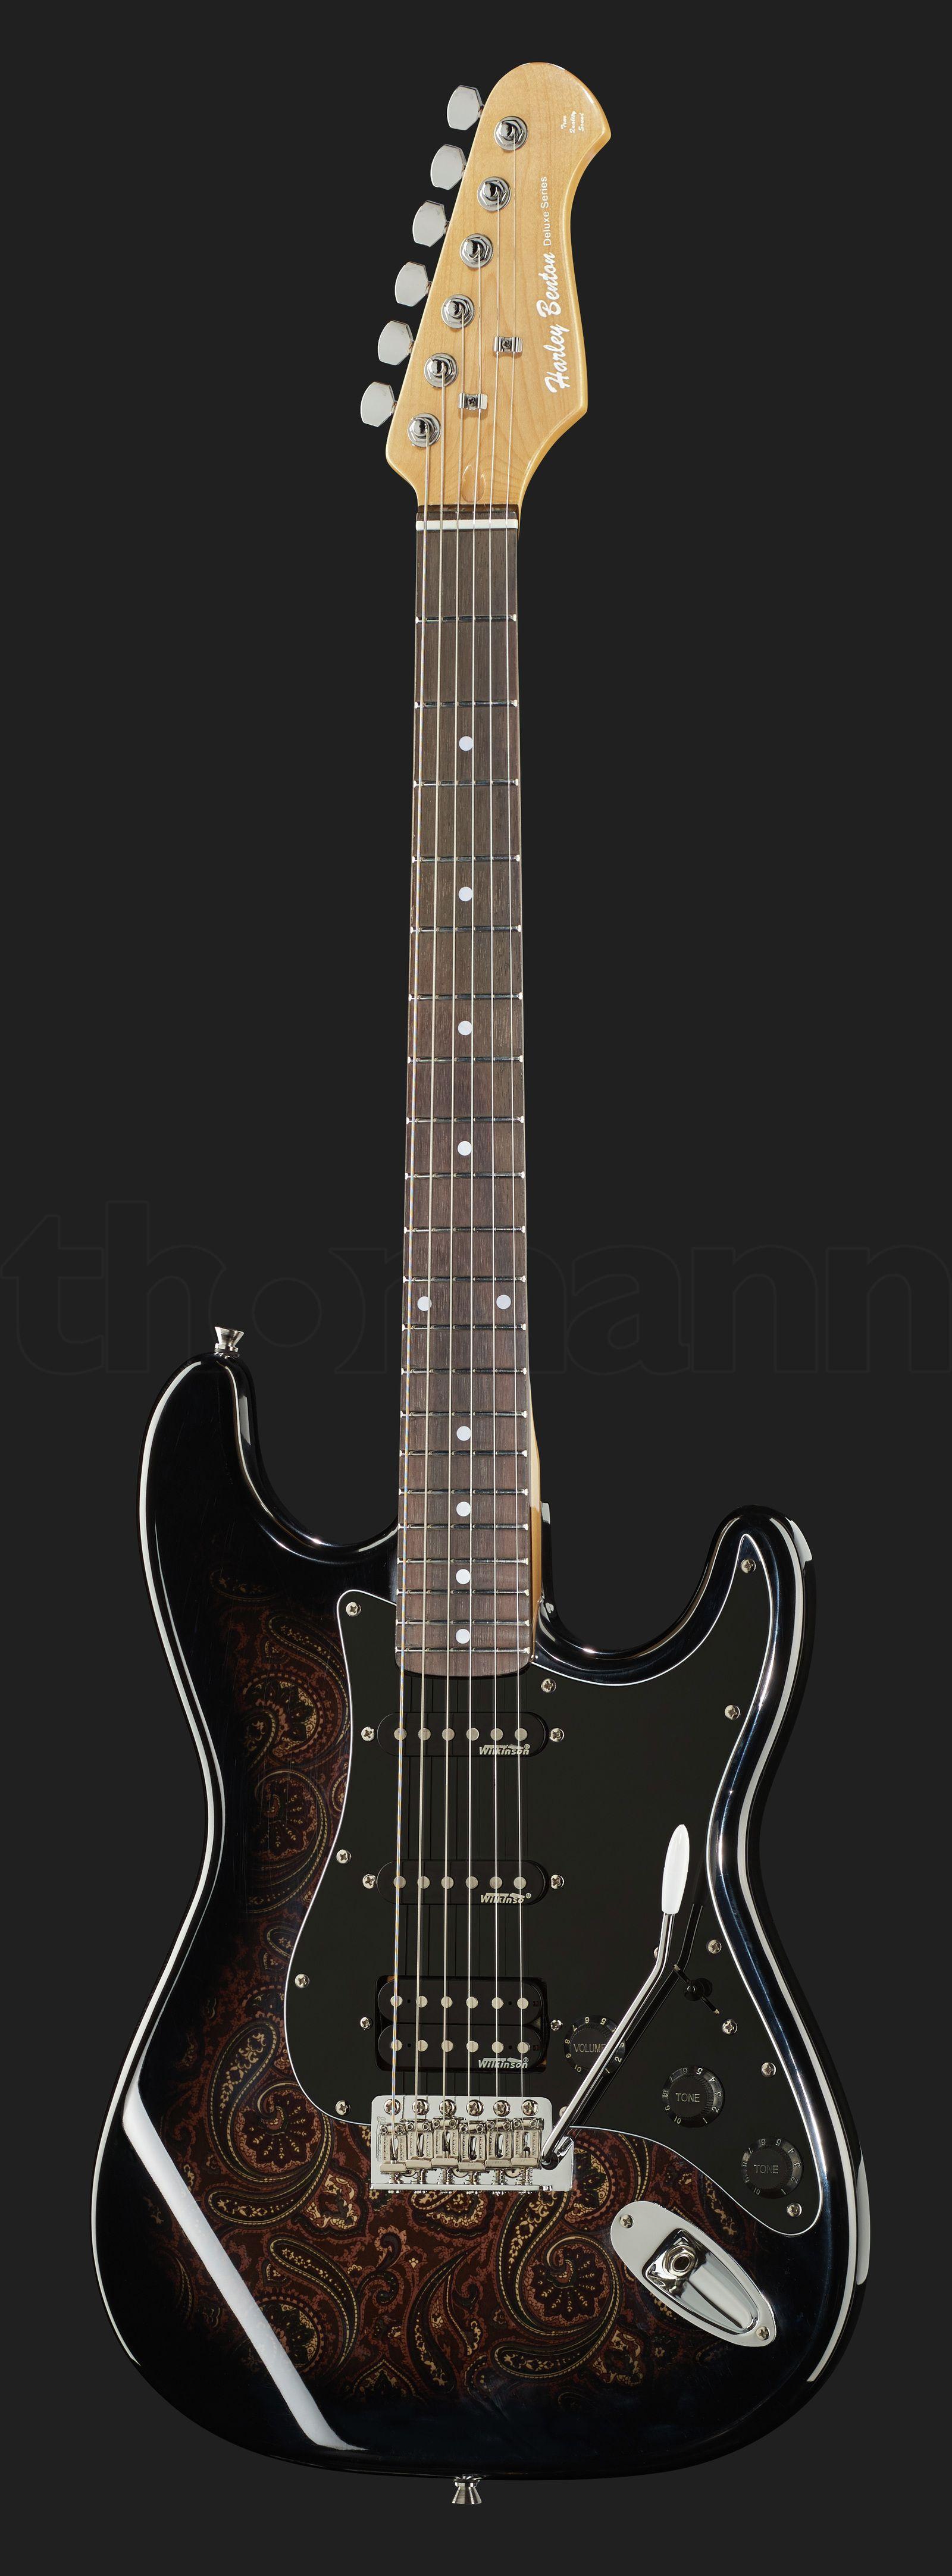 Harley Benton ST-70 Black Paisley | Guitars - Electric | Guitar